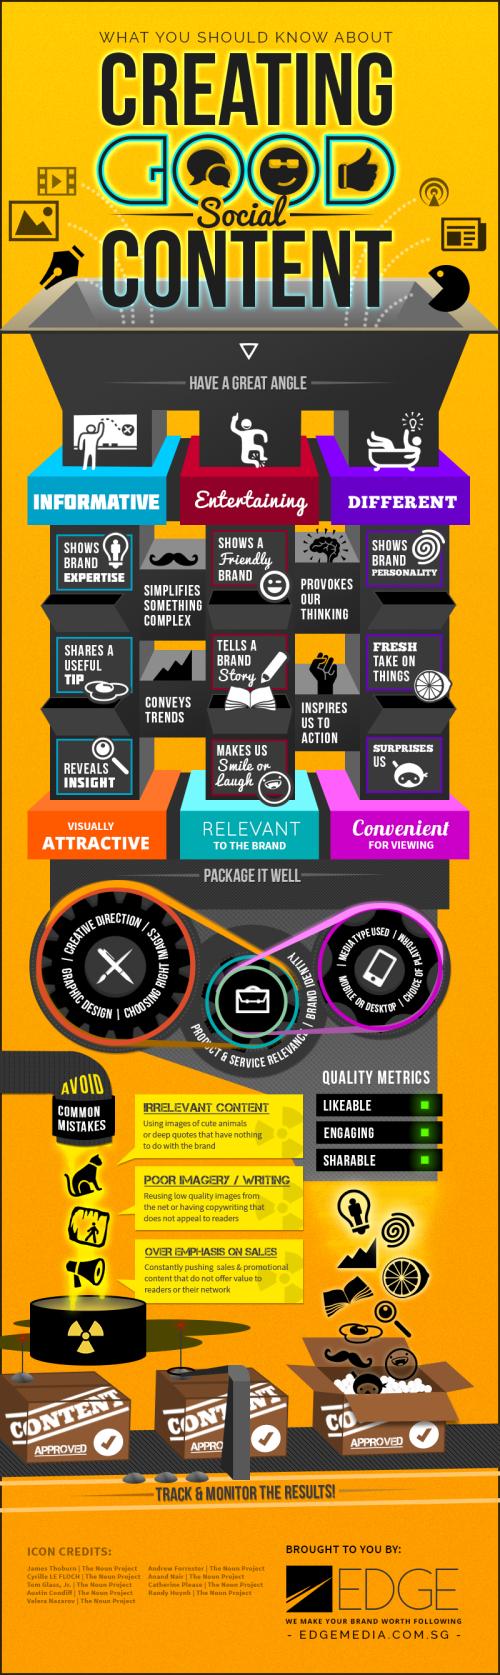 Las 6 cualidades que debes tomar en cuenta para crear buen contenido social